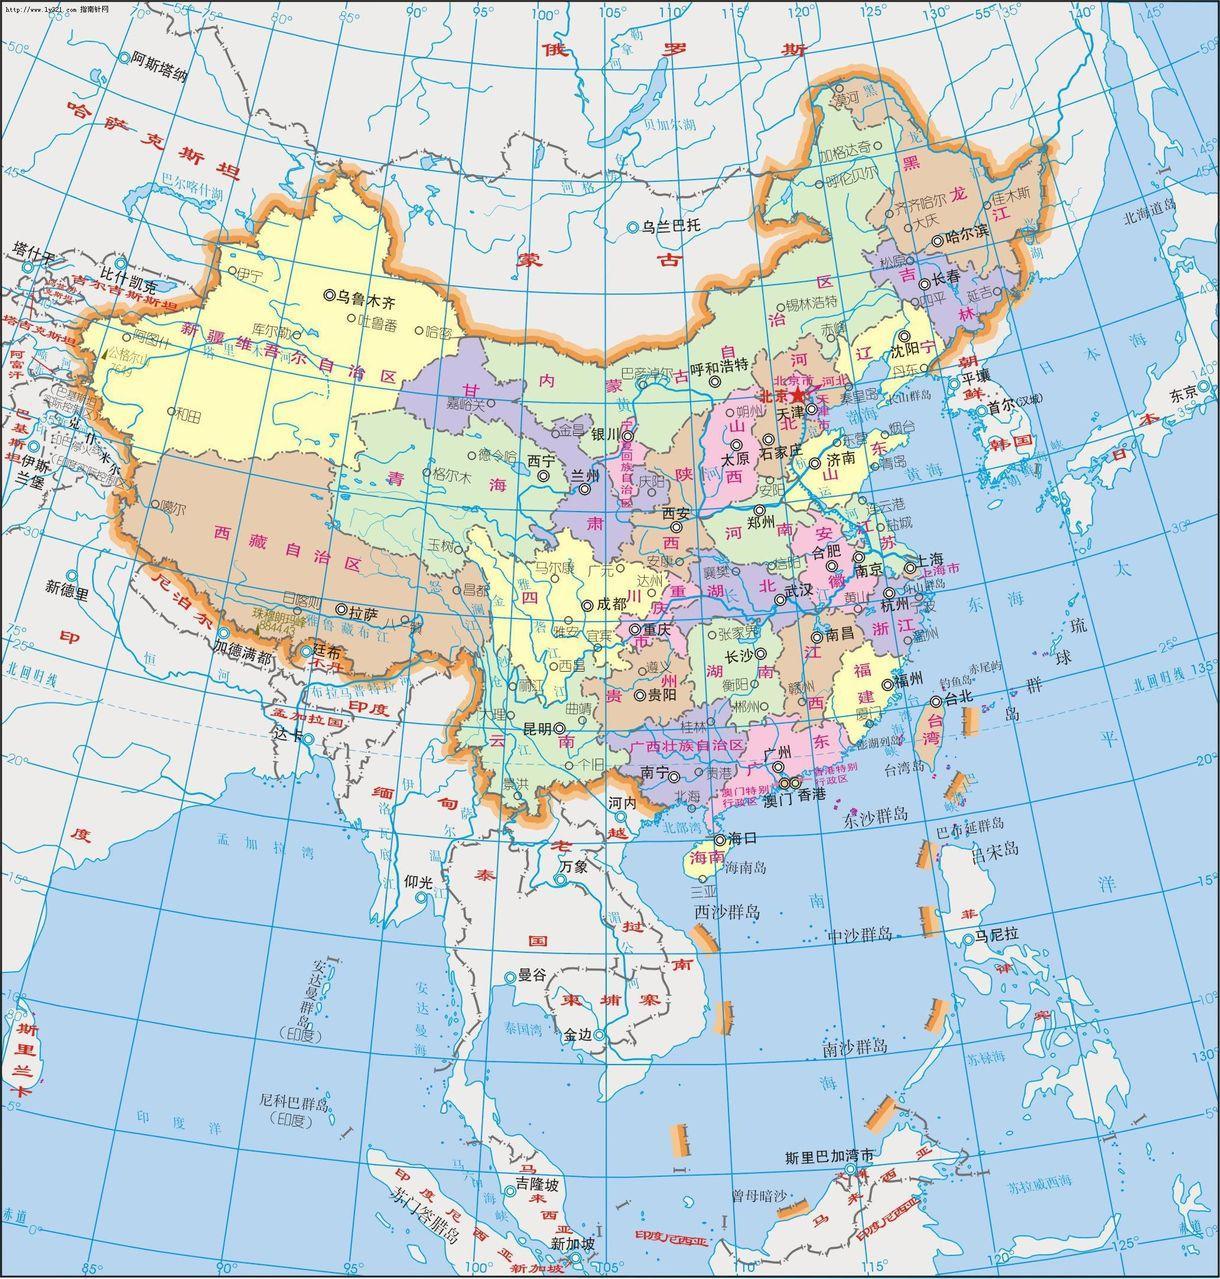 中国地图_中国地图全图图片